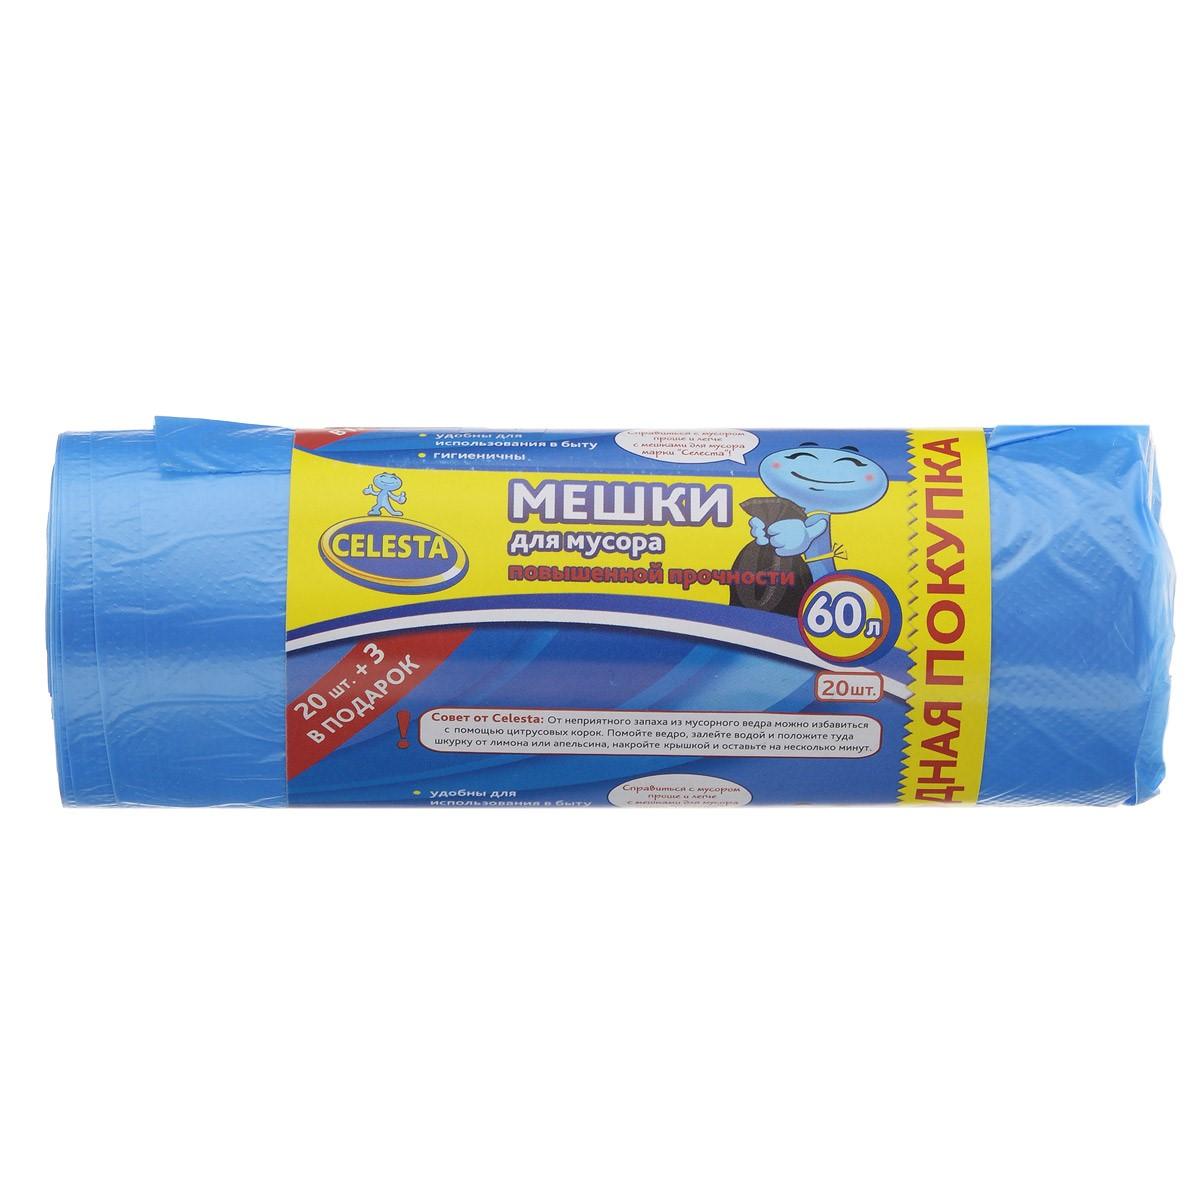 Мешки для мусора Celesta, цвет: синий, 60 л, 20 штK100Мешки для мусора Celesta применяются для хранения и транспортировки бытовых мусорных и продуктовых отходов. Удобны для использования в быту. Суперпрочные и гигиеничные. Мешки быстро и просто отрываются по линии перфорации. Материал: полиэтилен. Объем: 60 л. Количество мешков: 20 шт.